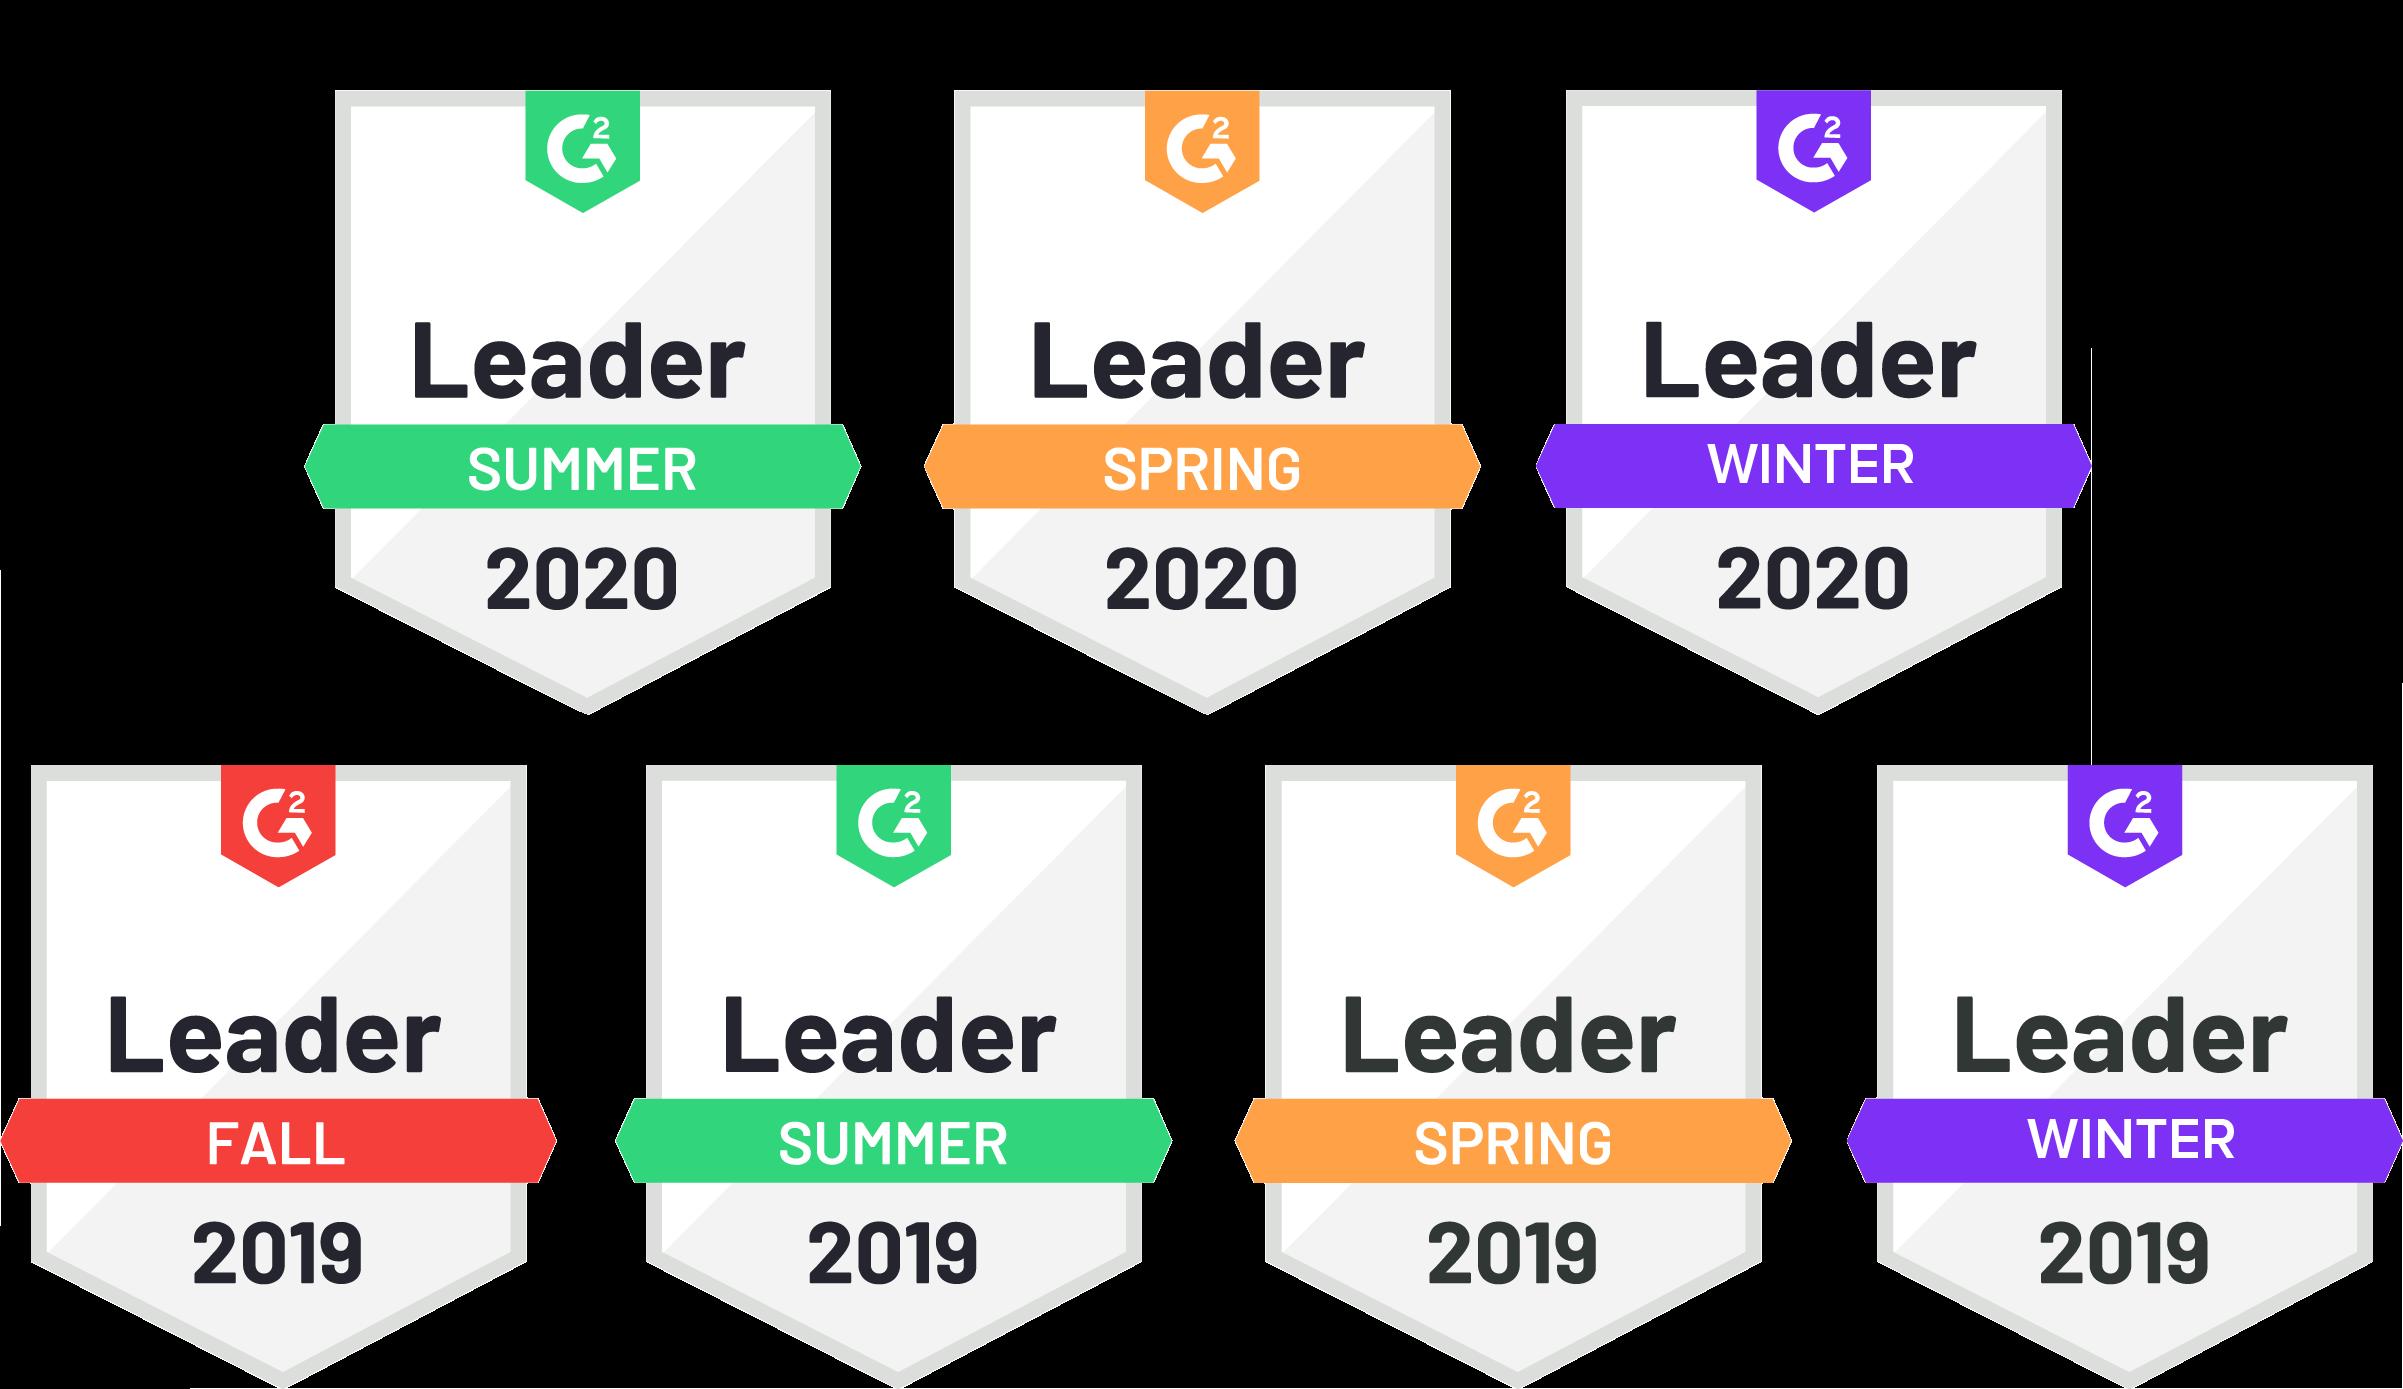 Summer 2020 - All Leader